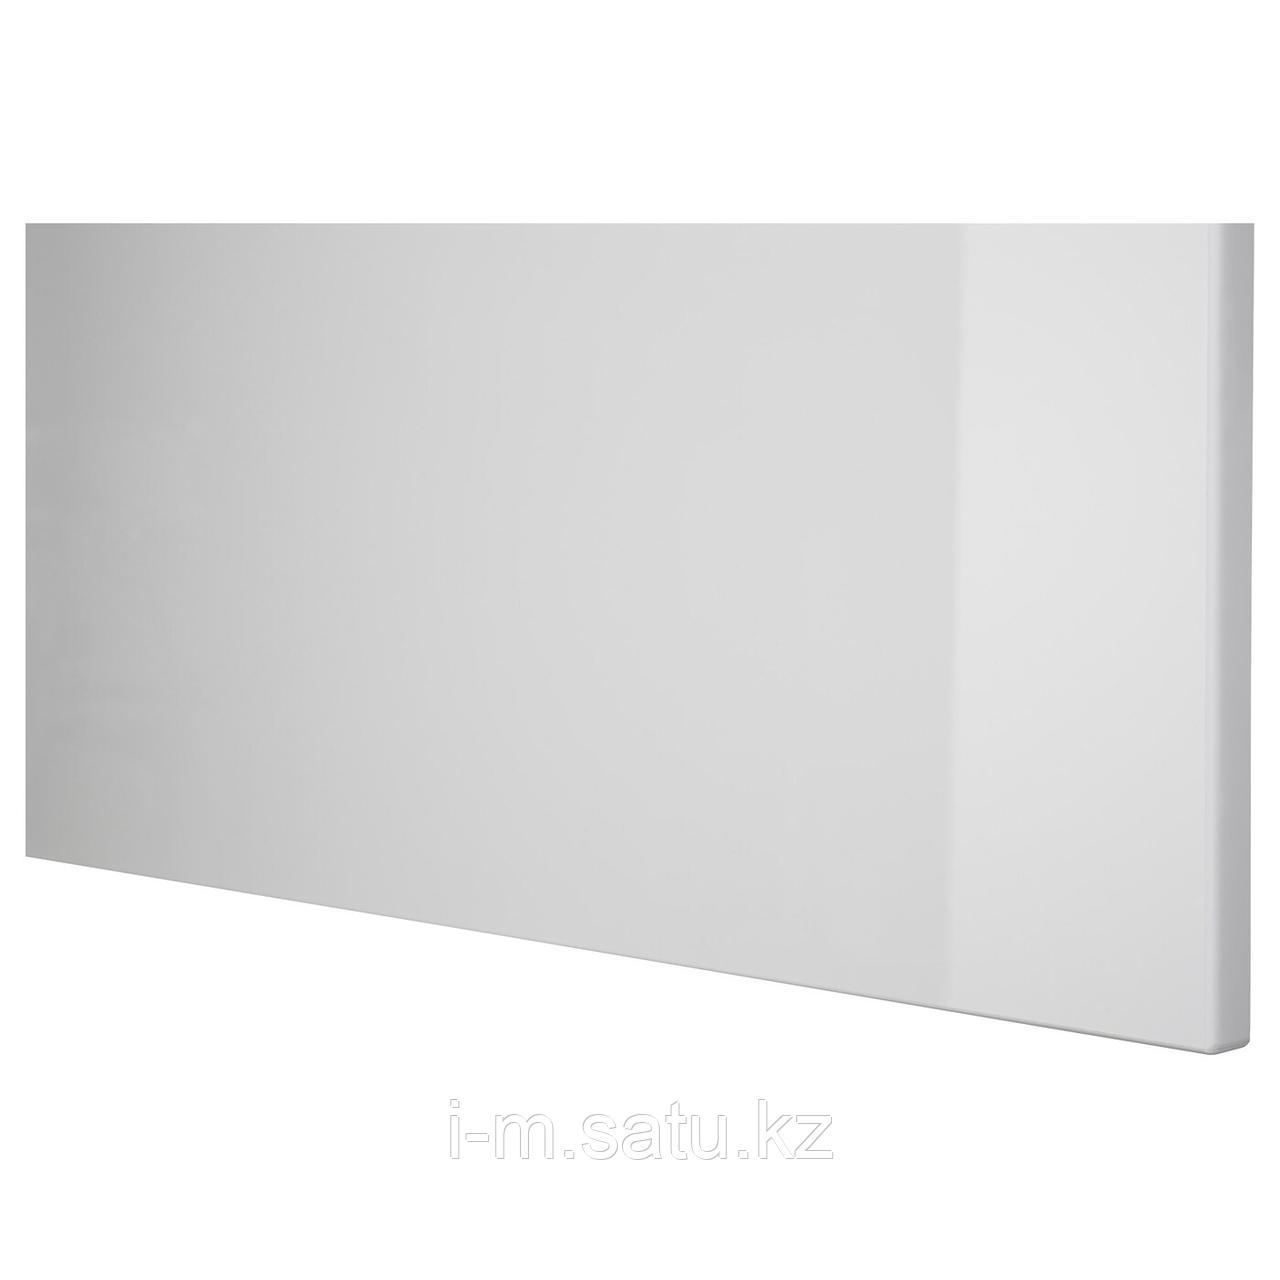 СЕЛЬСВИКЕН Дверь, глянцевый светло-серый, 60x64 см